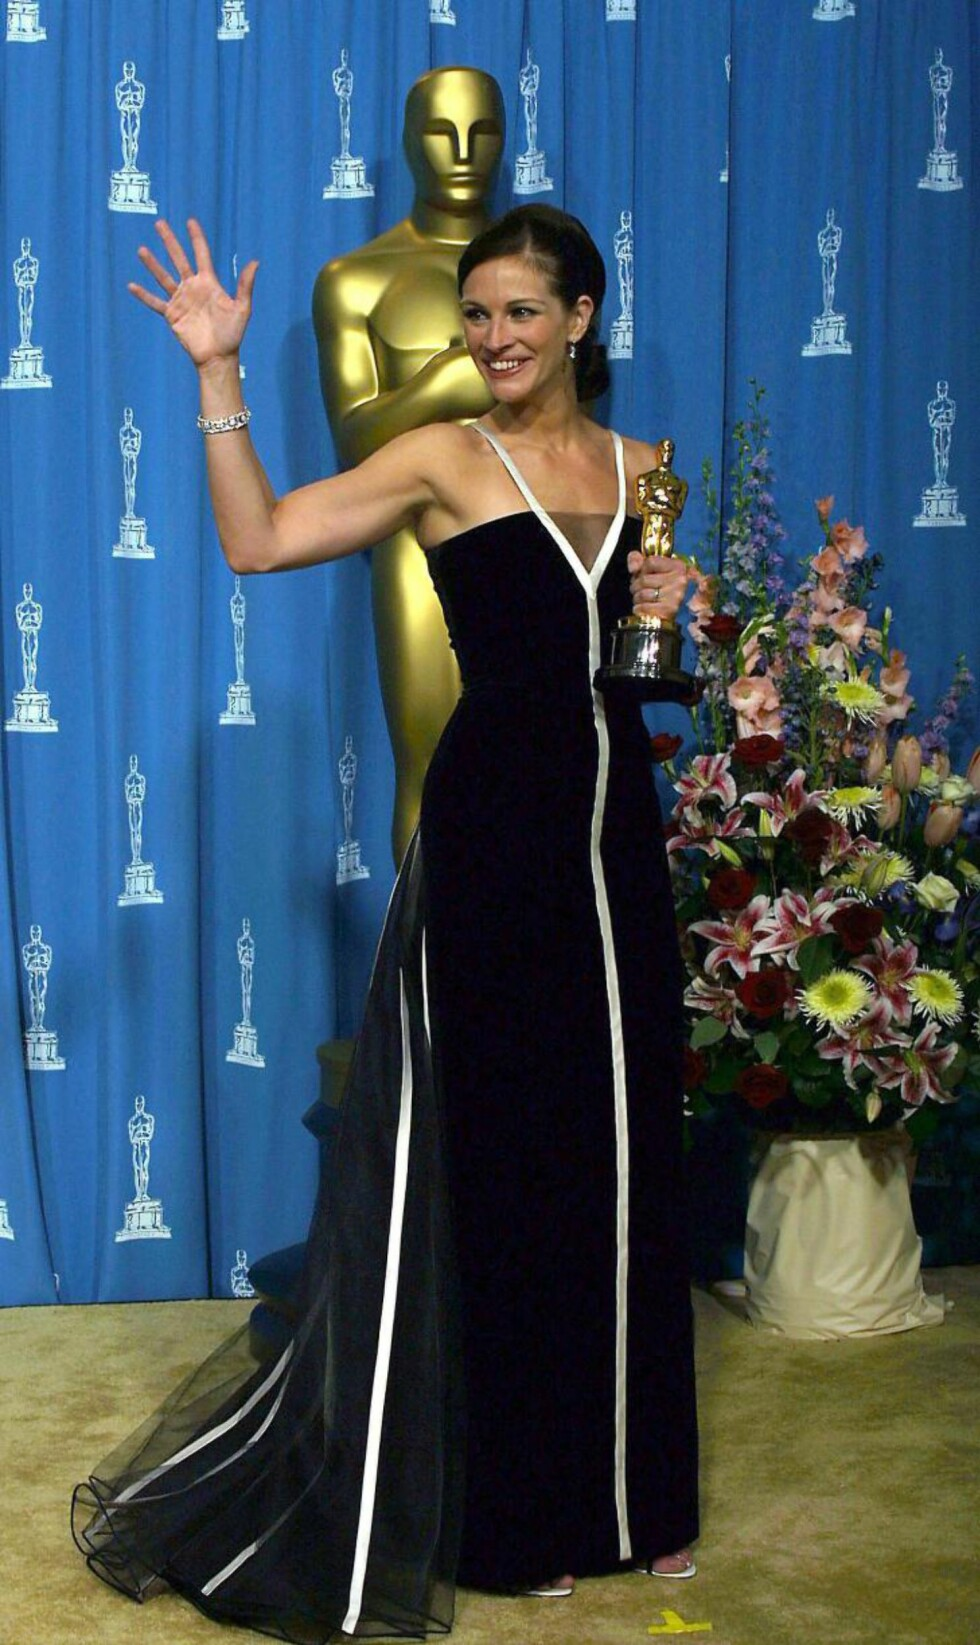 VINTAGE PÅ SCENEN: Julia Roberts vant Oscar for «Erin Brockovich» i en vintagekjole fra Valentino som regnes som en klassiker i Oscar-historien. Foto: Scanpix.